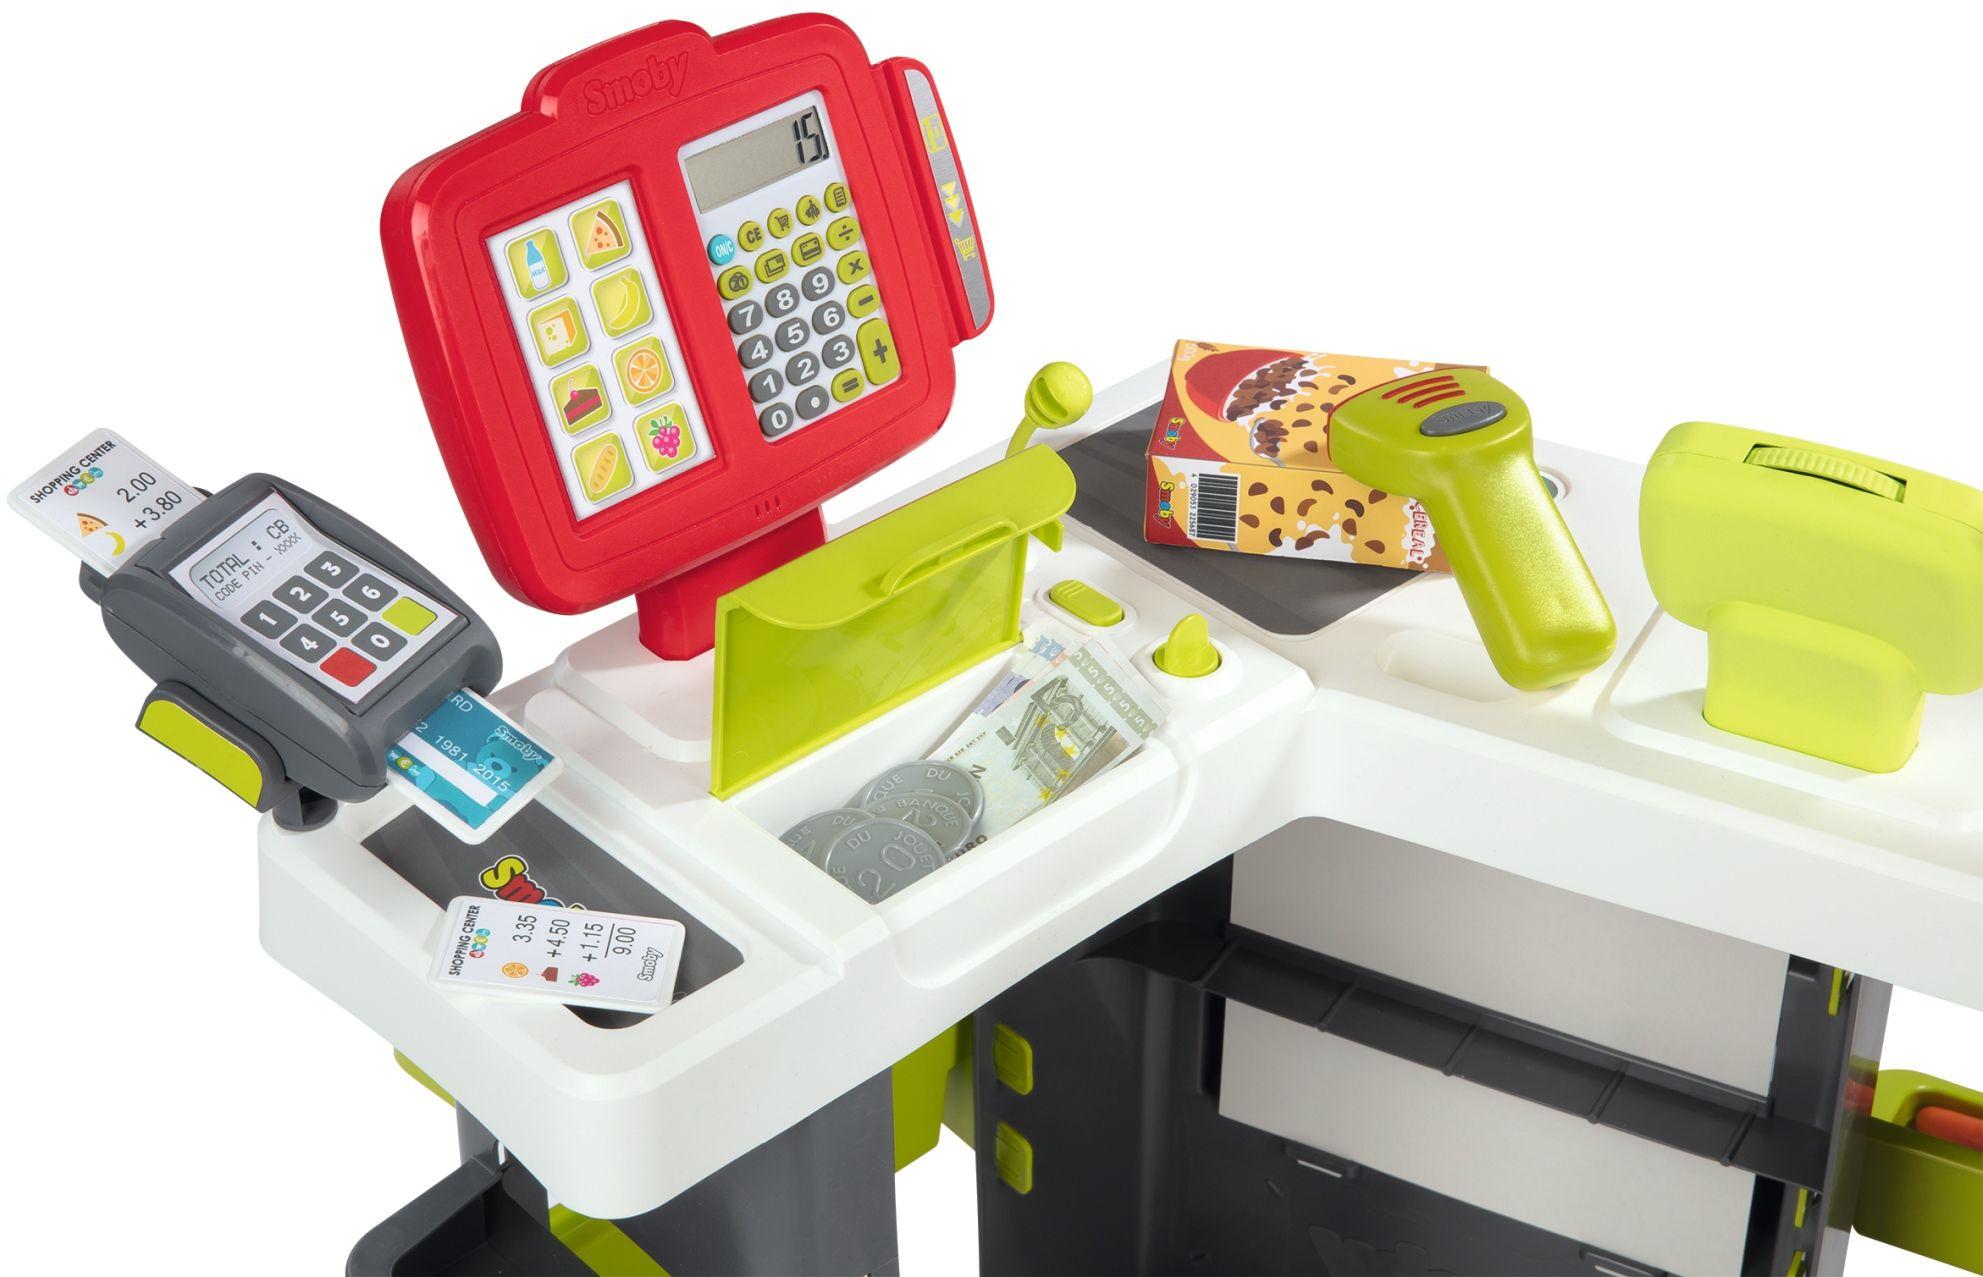 7298ec06b76e6d Smoby Supermarket Sklep dla dzieci wózek sklepowy 42 akcesoria Kliknij, aby  powiększyć